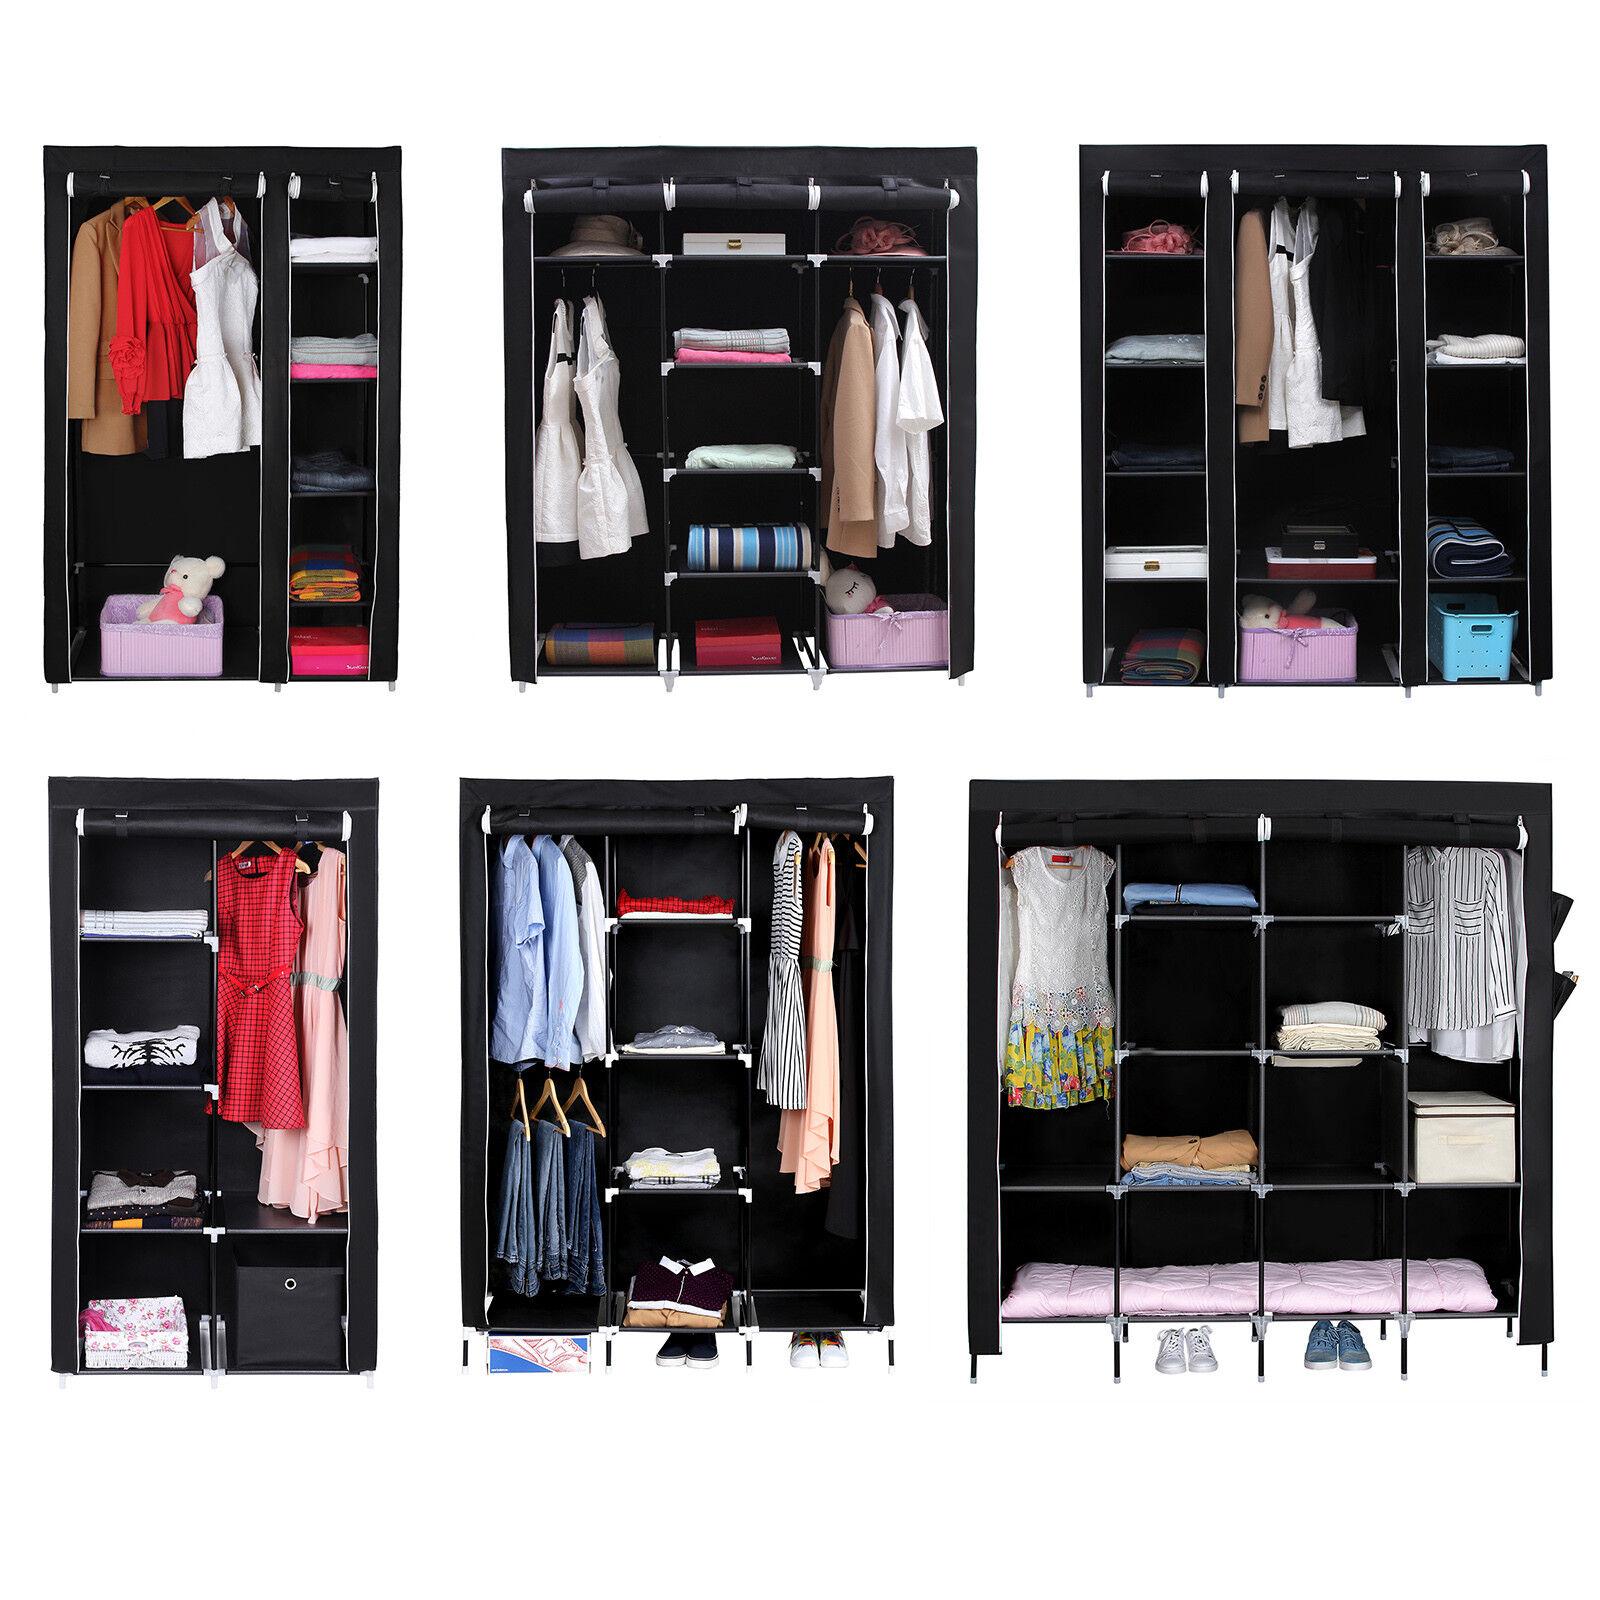 Haushalt International Textilkleiderschrank Garderobenschrank Faltschrank Kleiderschrank Campingschrank